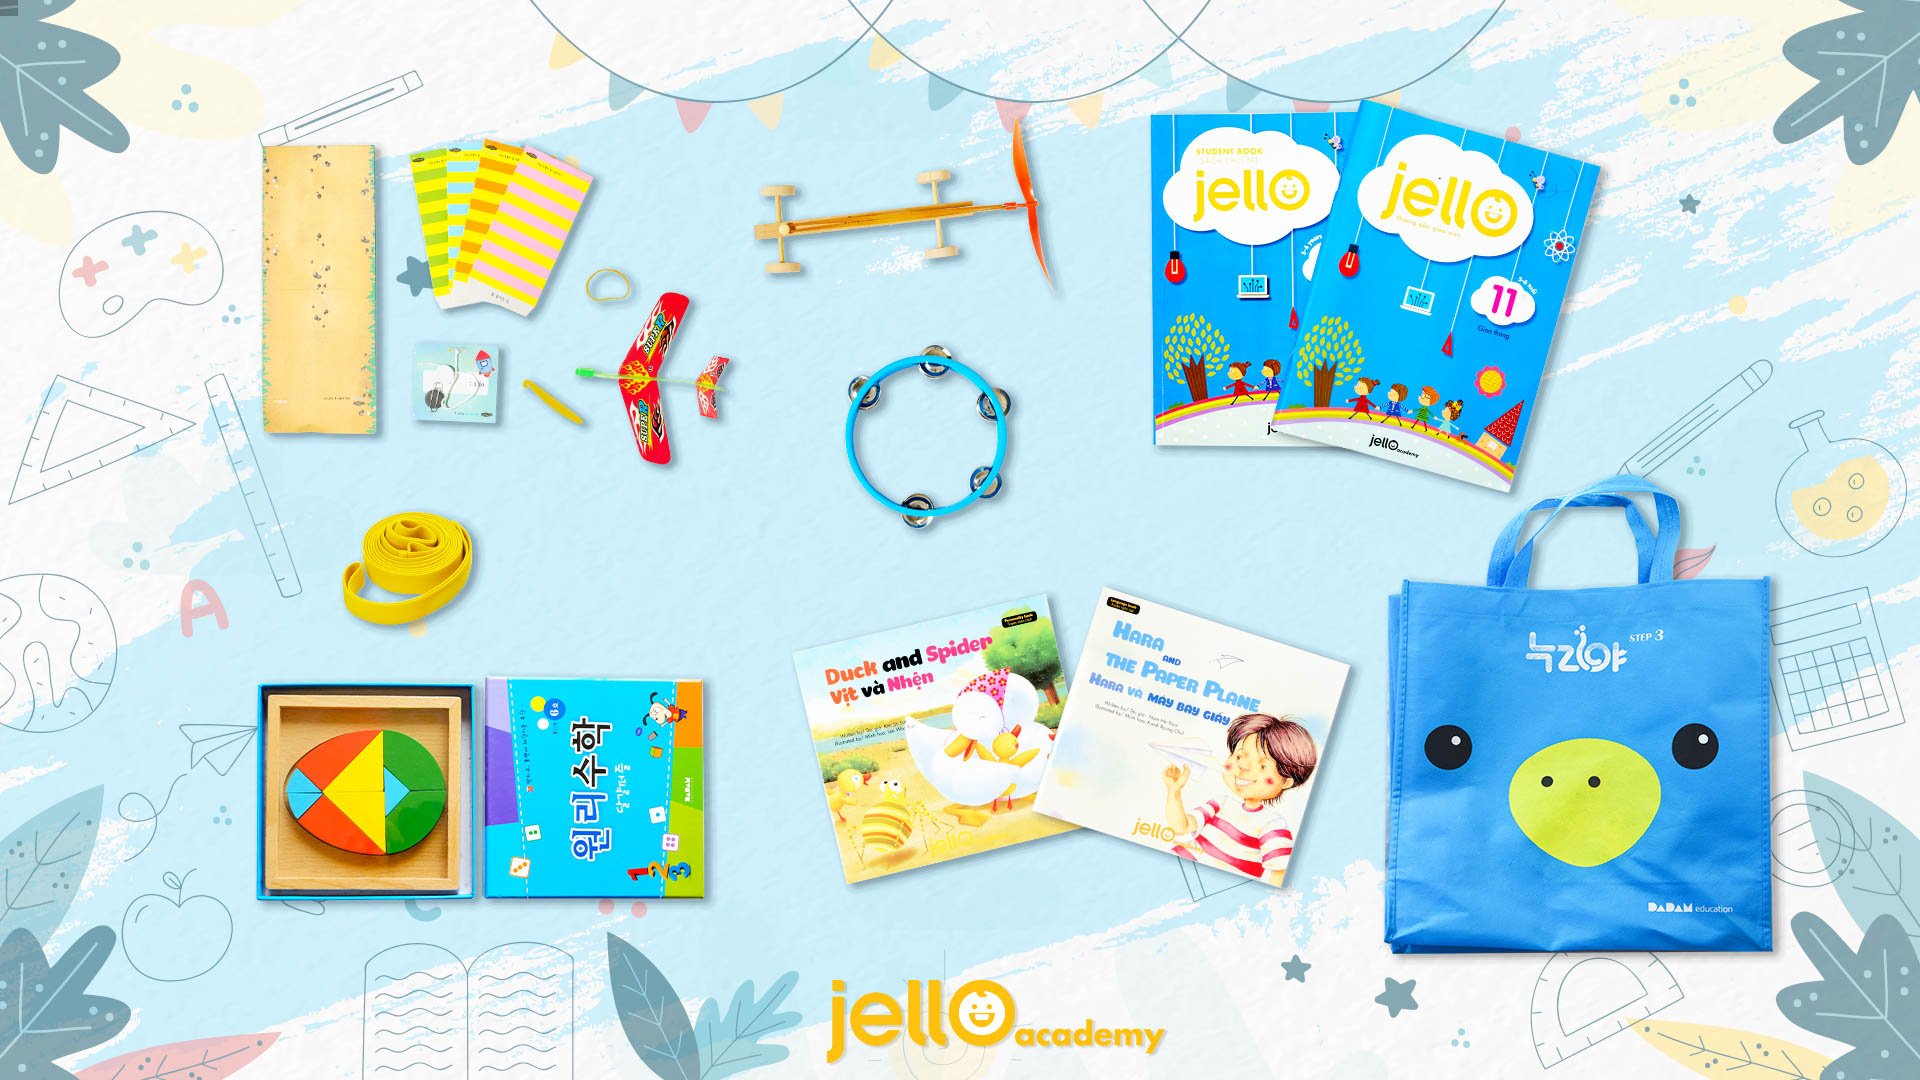 Bộ học cụ Jello - 5 Tuổi - Tháng 11